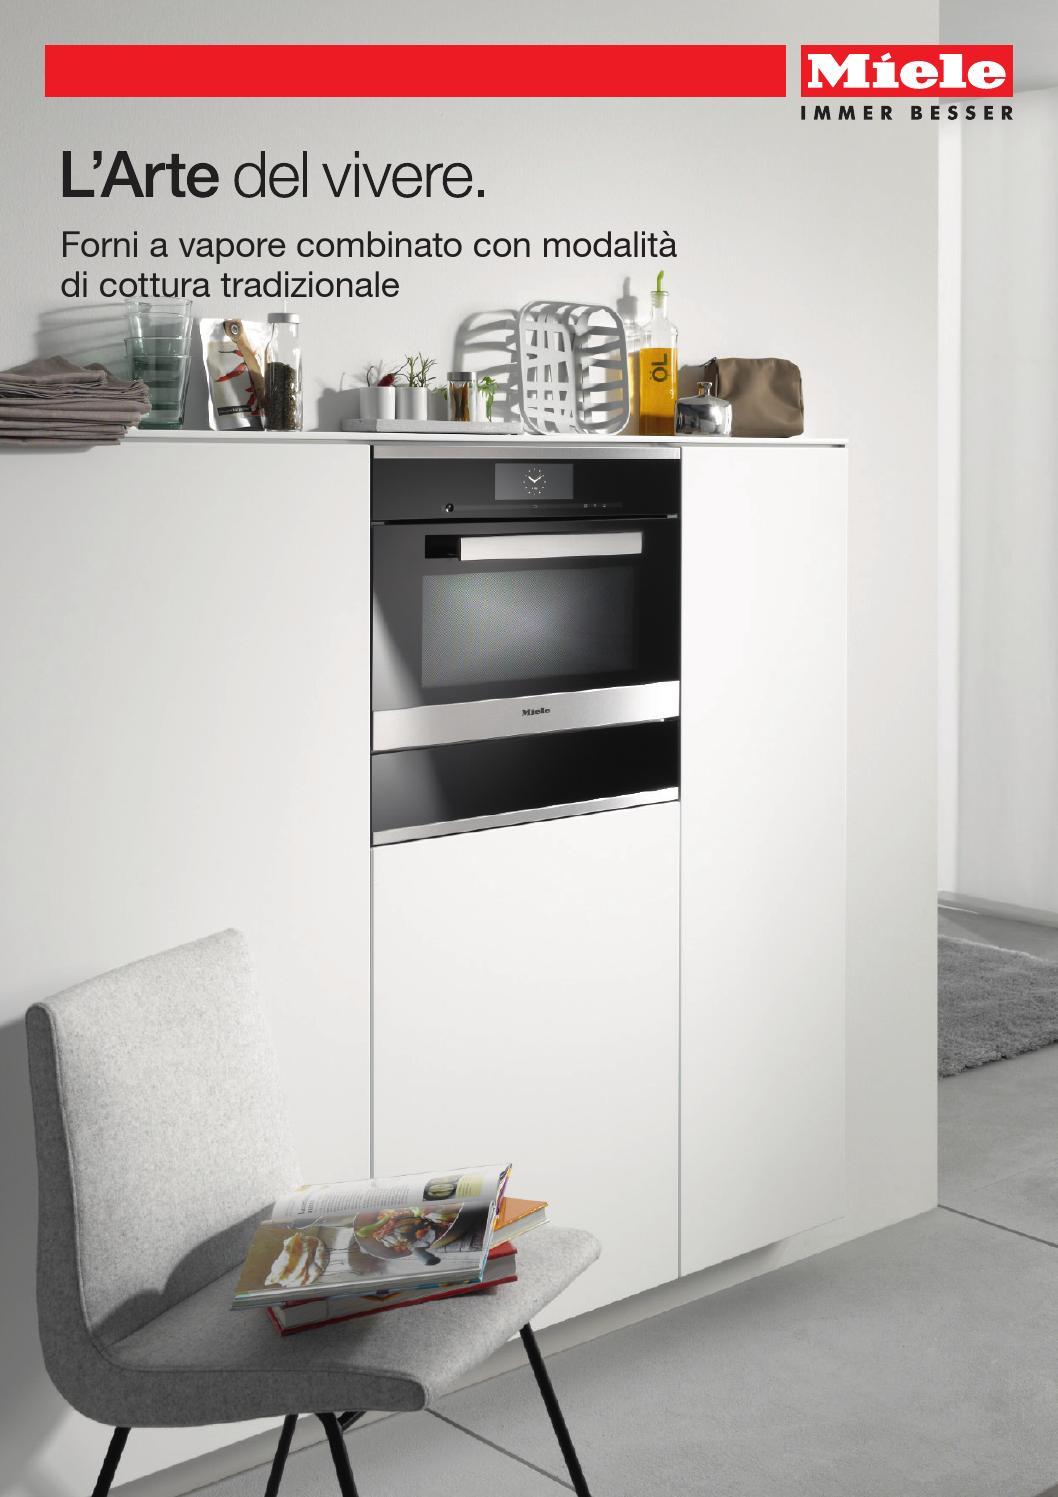 Miele catalogo forni a vapore con modalit forno tradizionale i by miele issuu - Forno tradizionale e microonde insieme ...